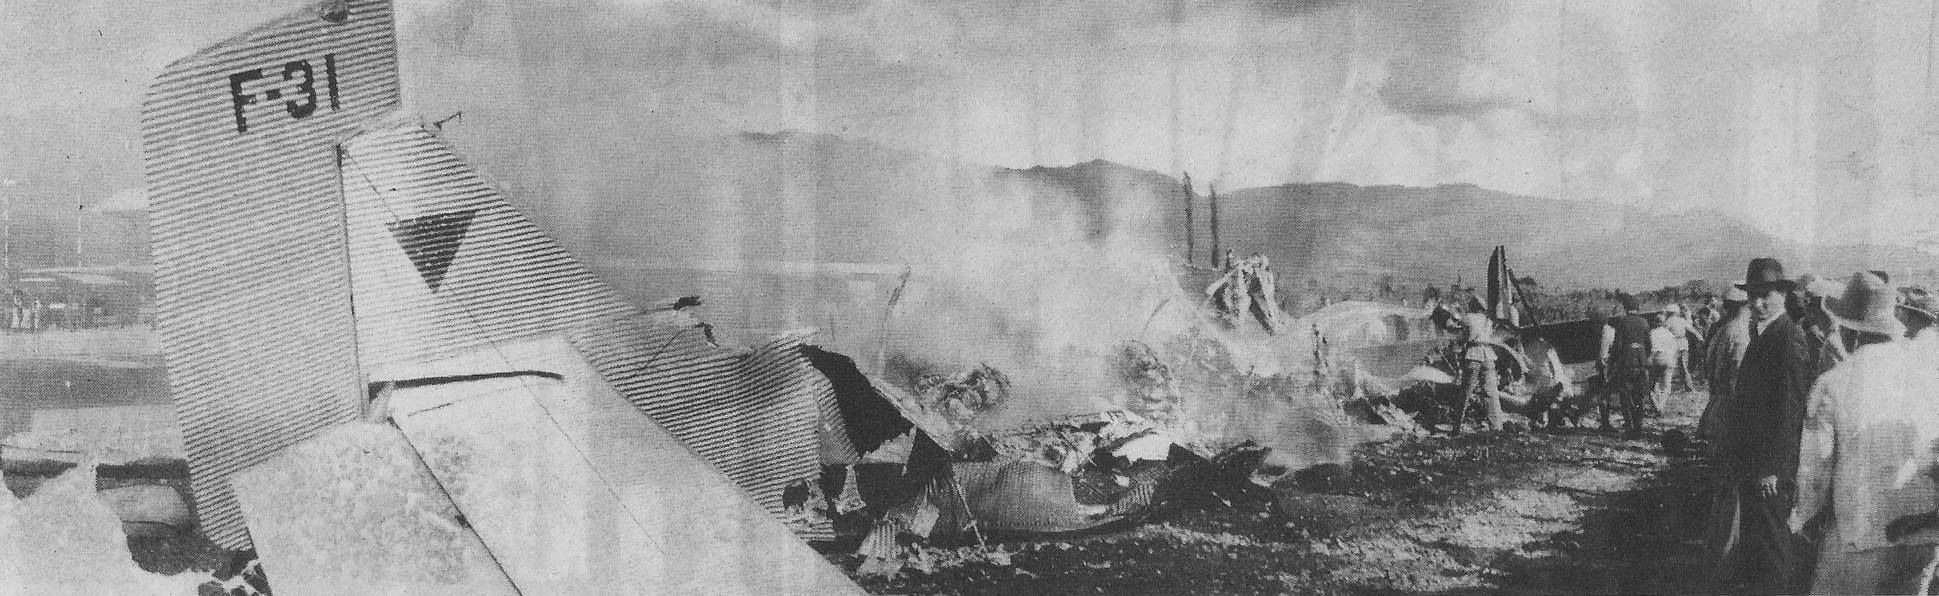 Restos de los aviones después del choque. Entre sus pasajeros estaba el cantante Carlos Gardel.